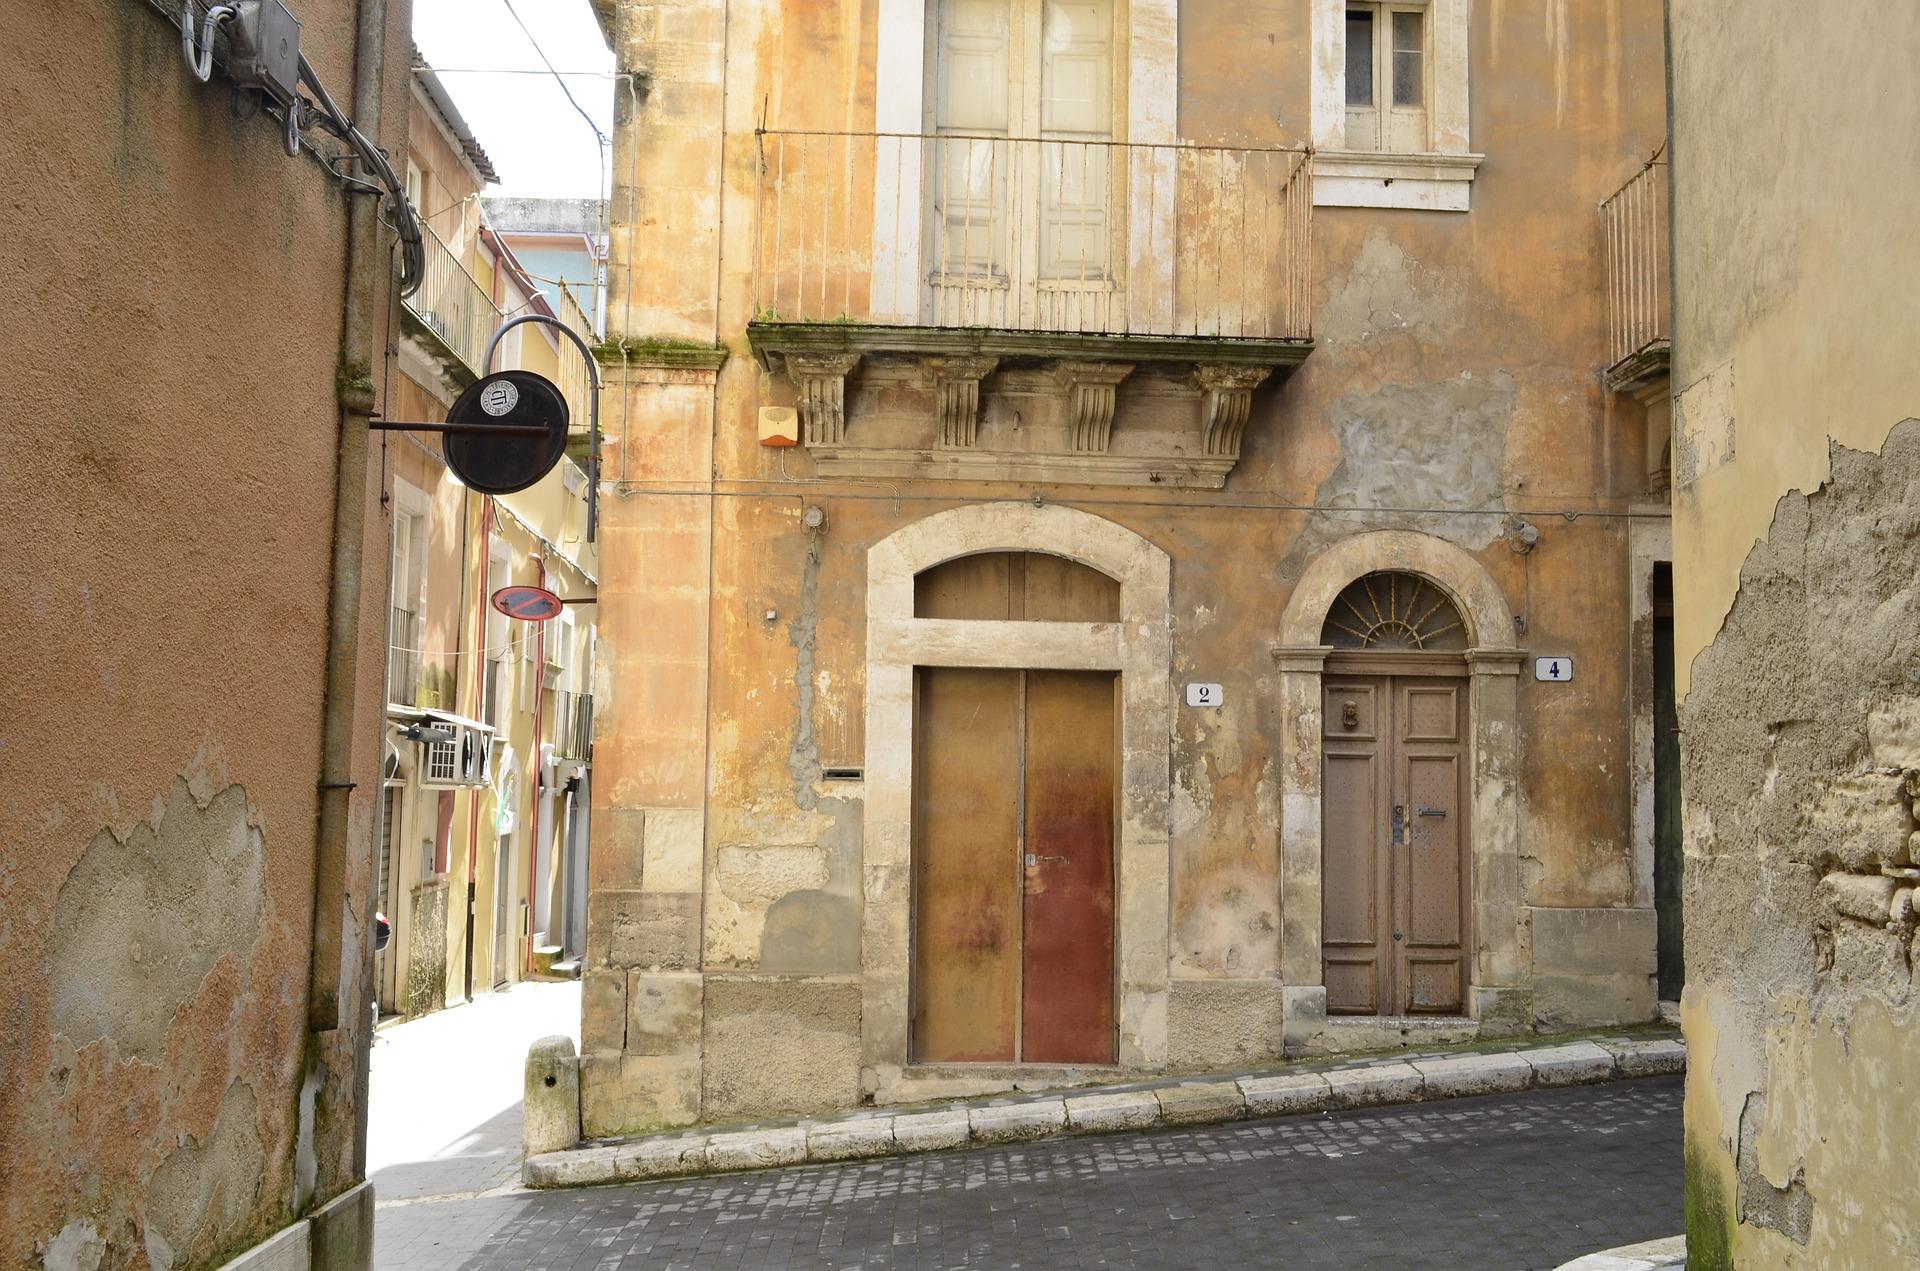 Las calles características del centro siciliano.